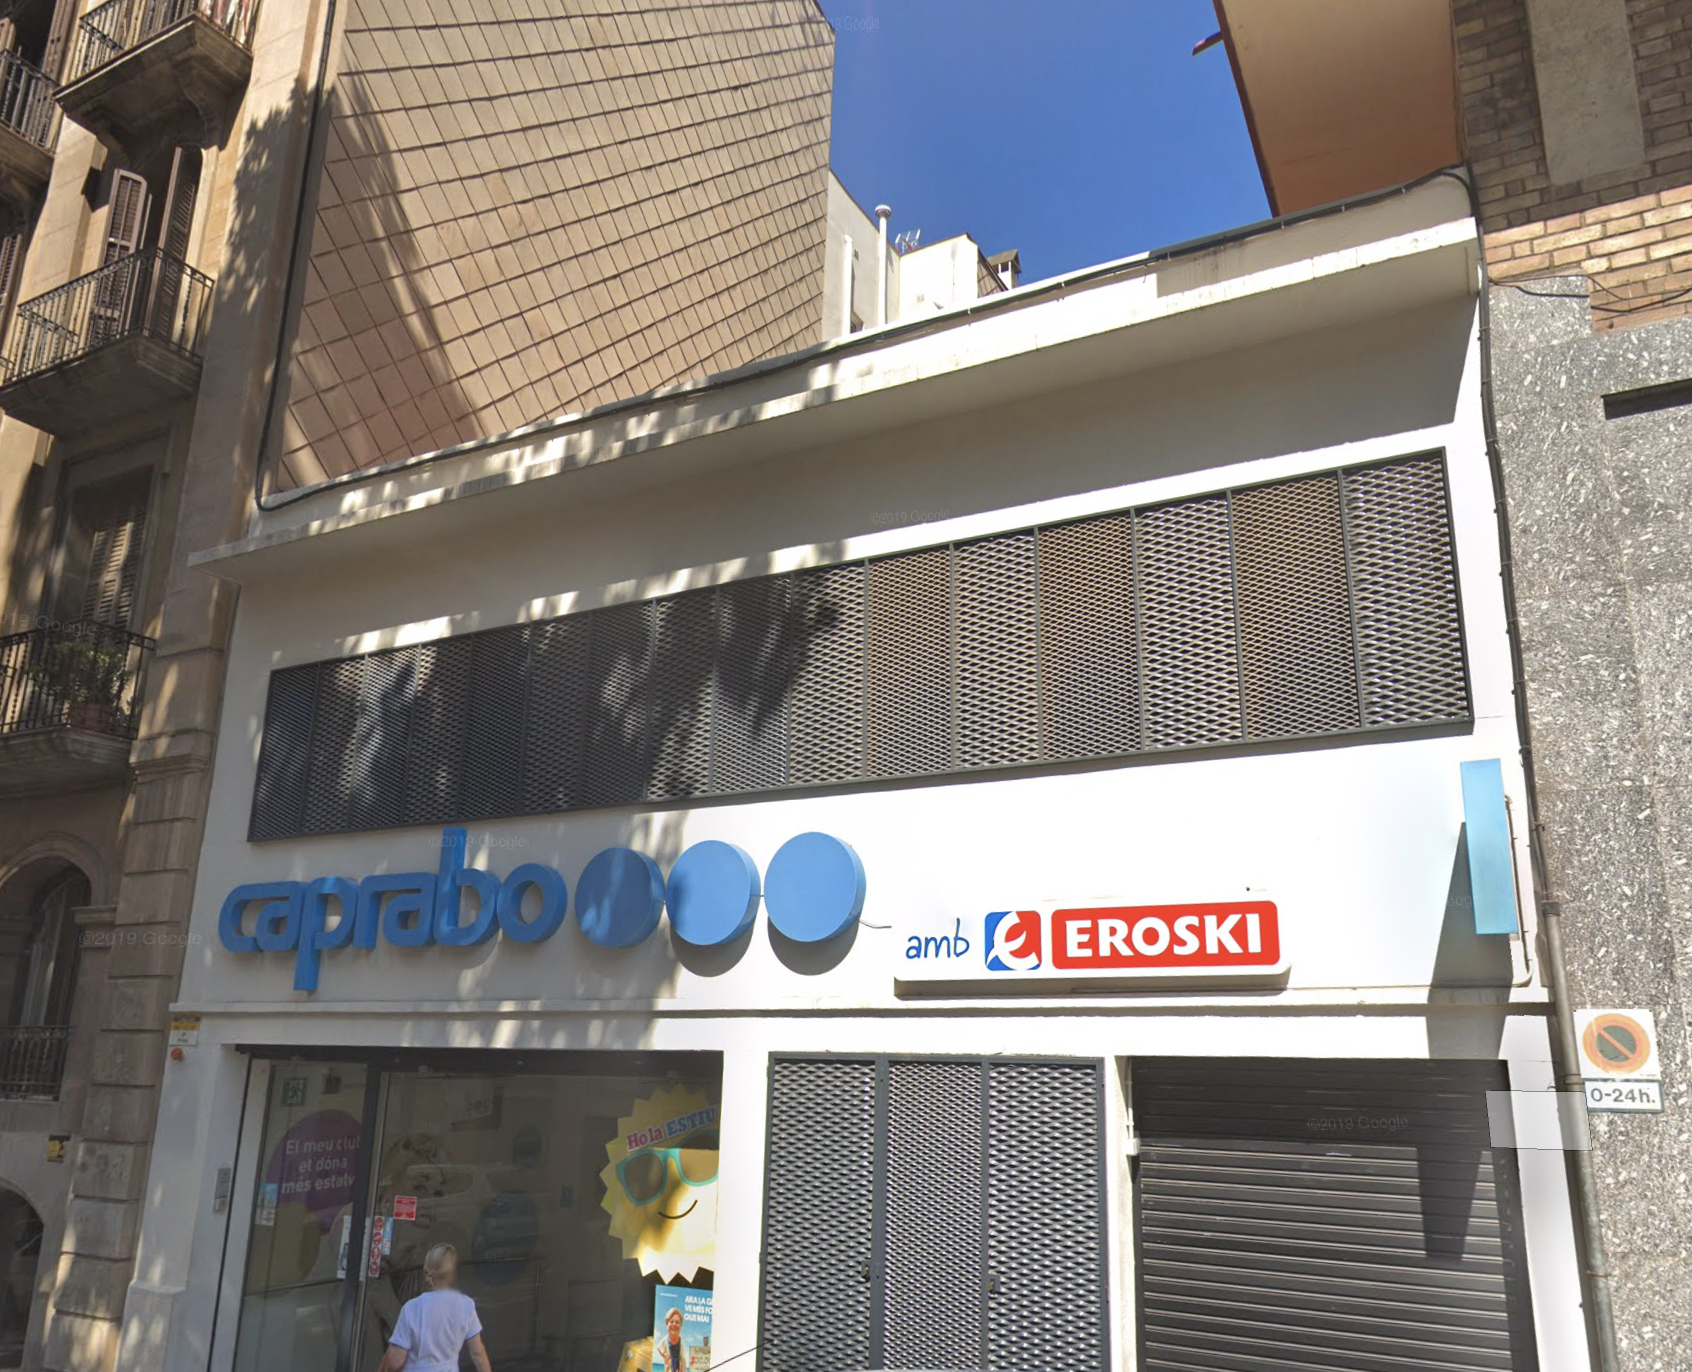 caprabomadrazo04